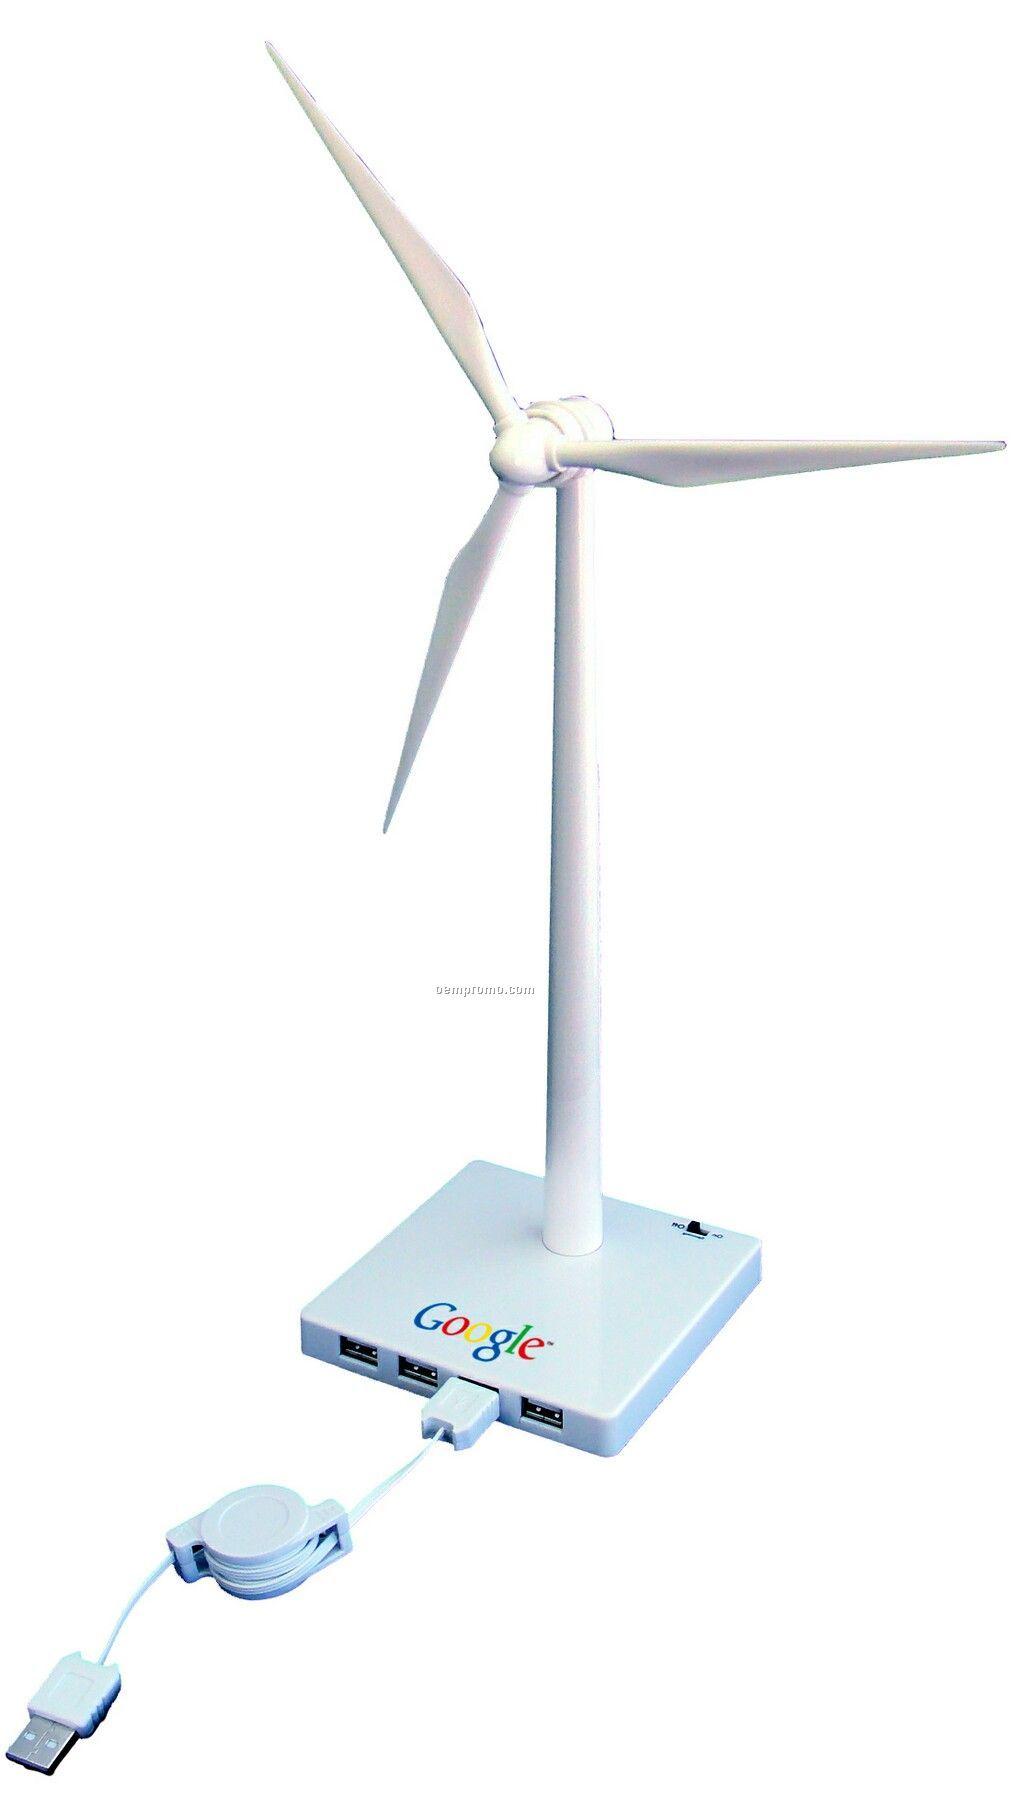 Desktop Wind Turbine USB Powered Drive